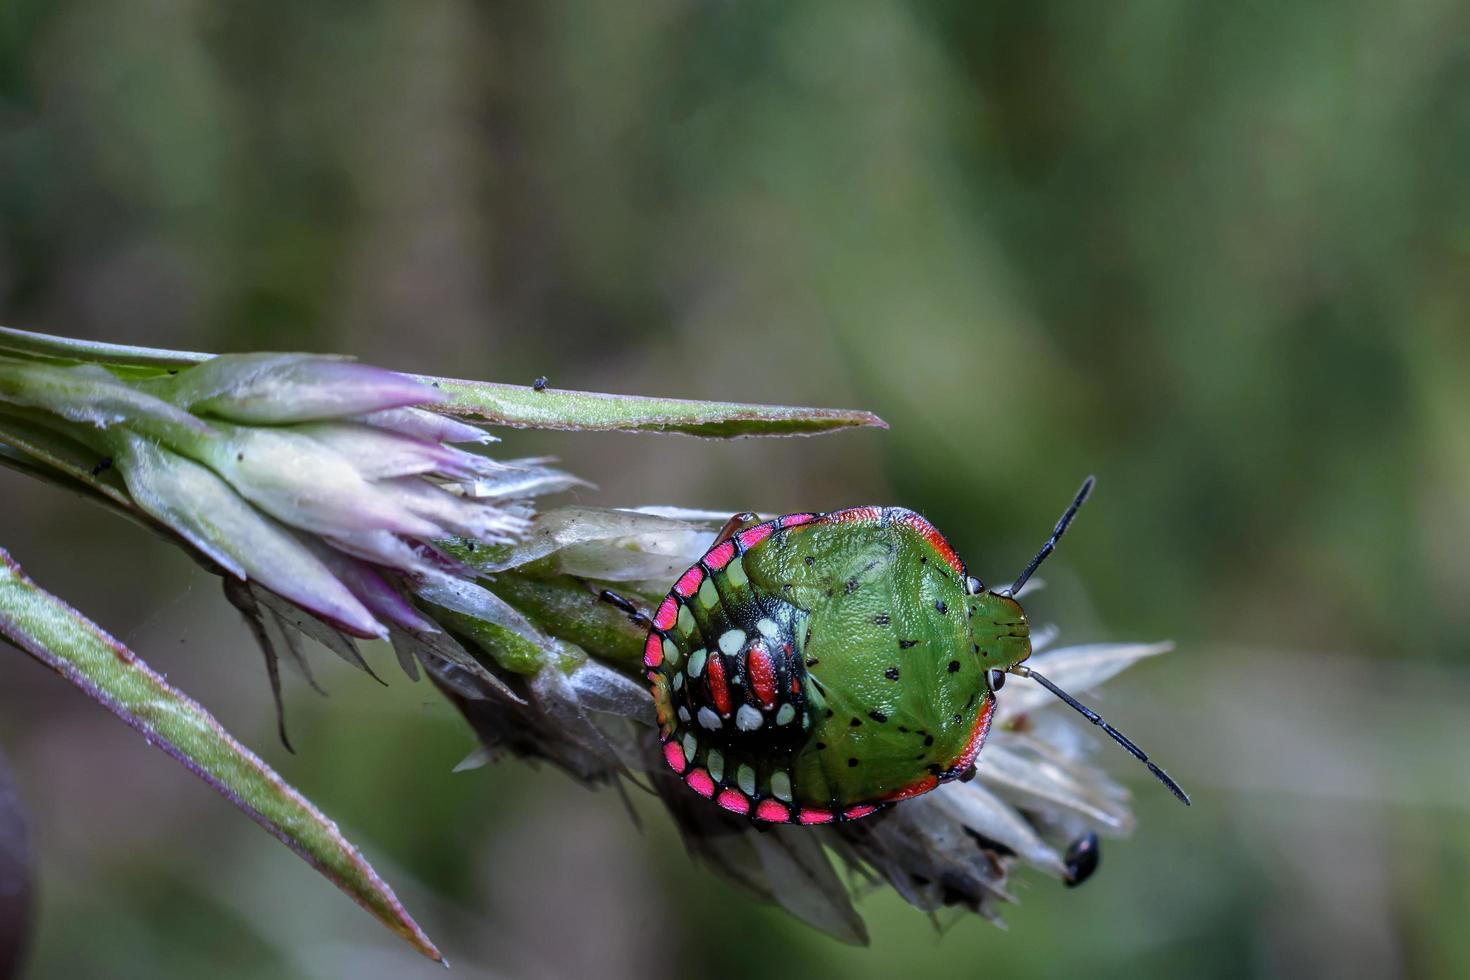 les coccinelles, petits insectes aux couleurs éclatantes et capables de voler photo